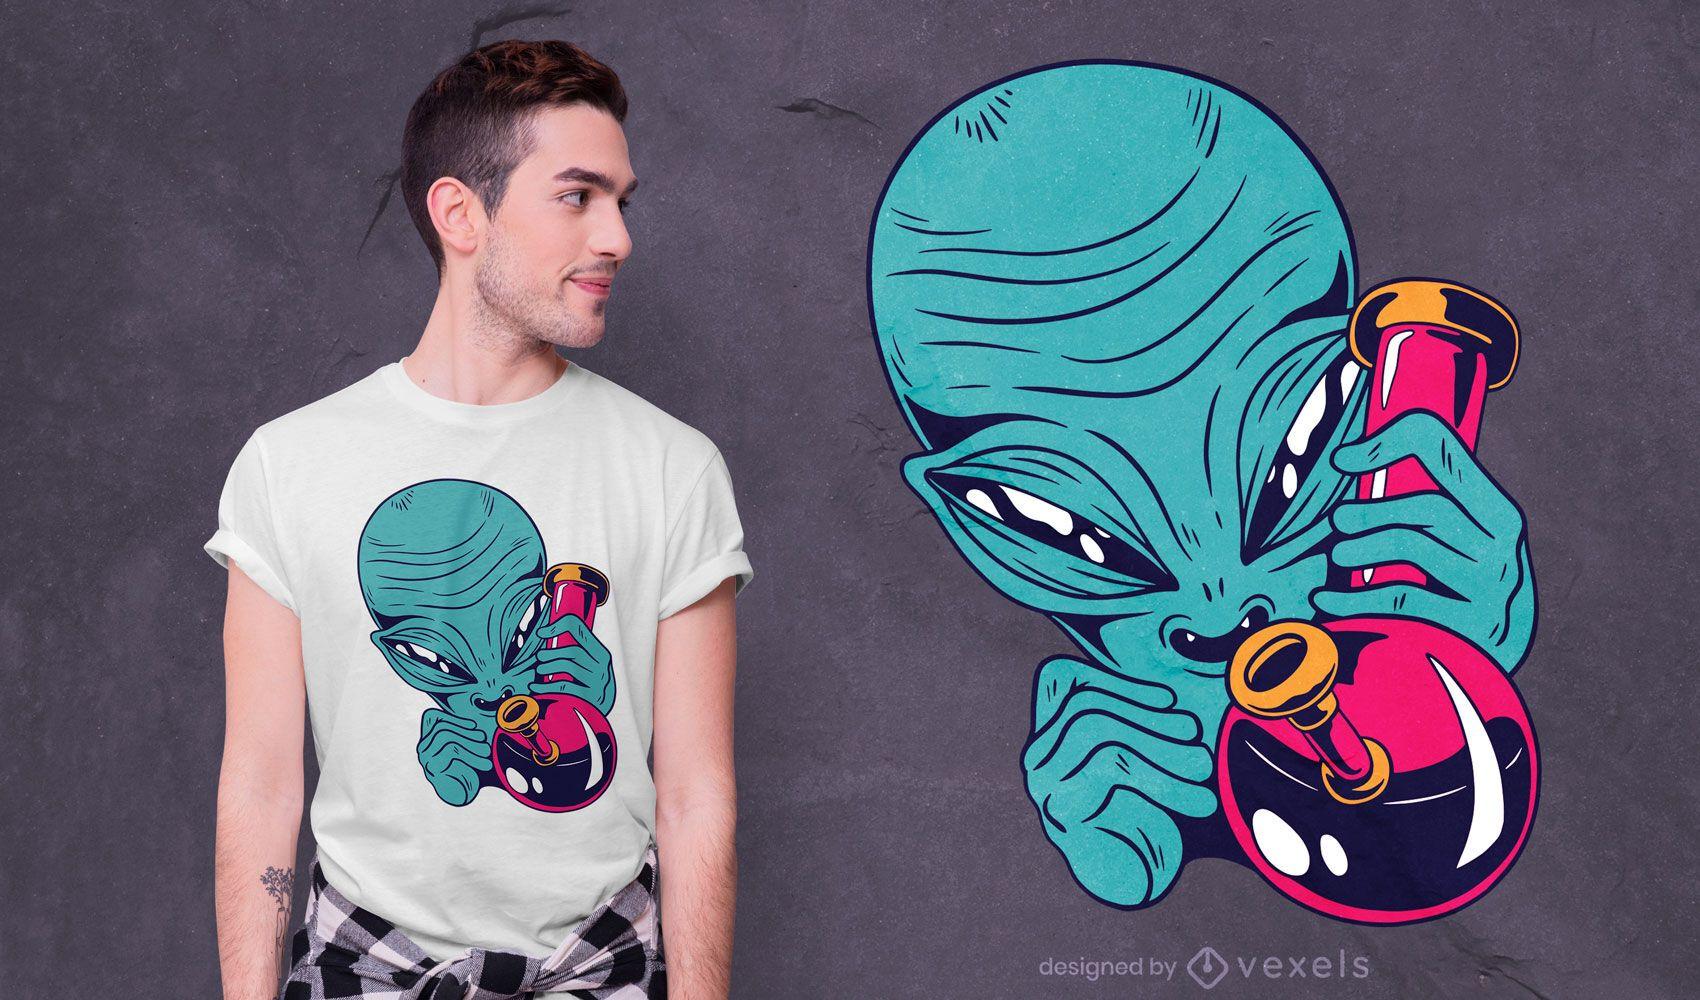 High alien t-shirt design